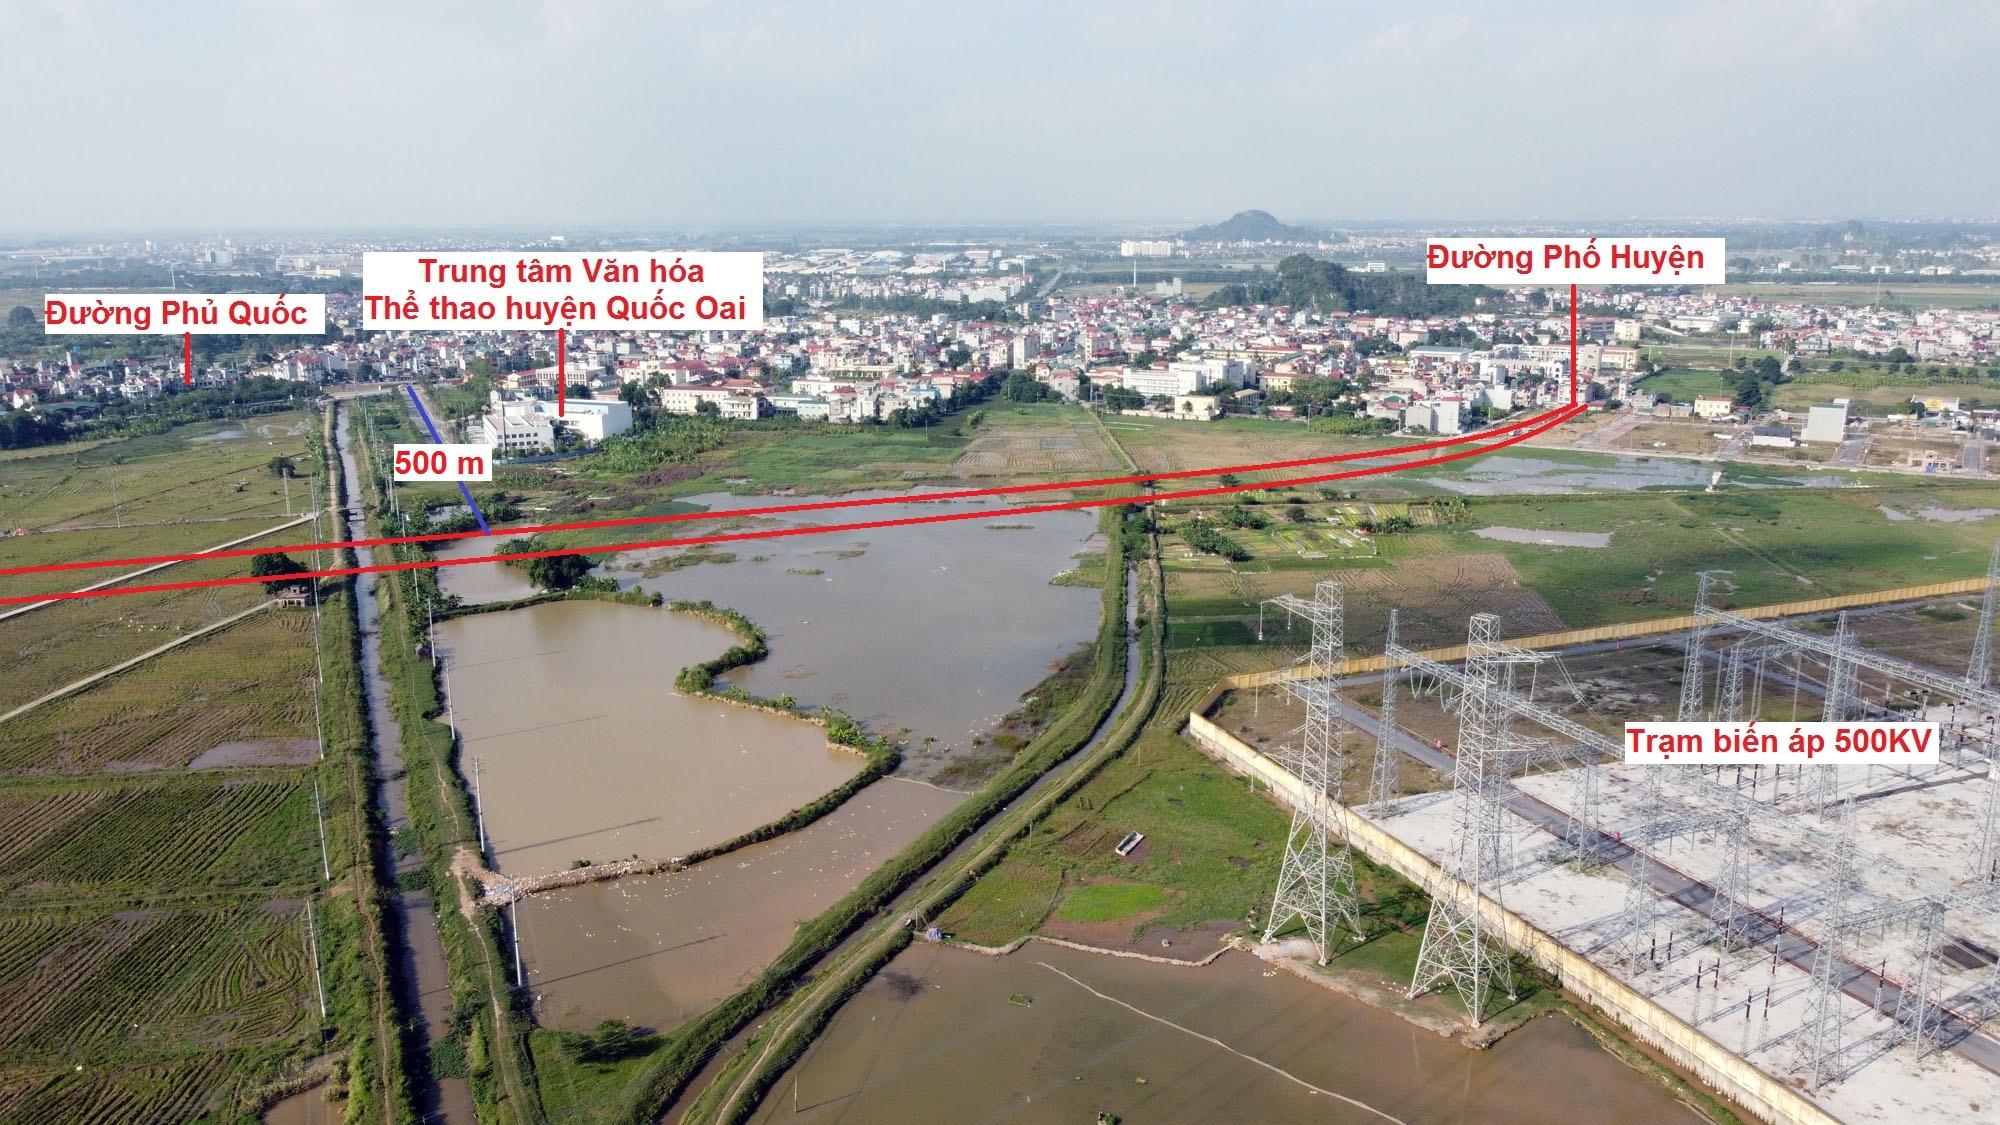 Ba đường sẽ mở theo qui hoạch ở xã Thạch Thán, Quốc Oai, Hà Nội - Ảnh 10.